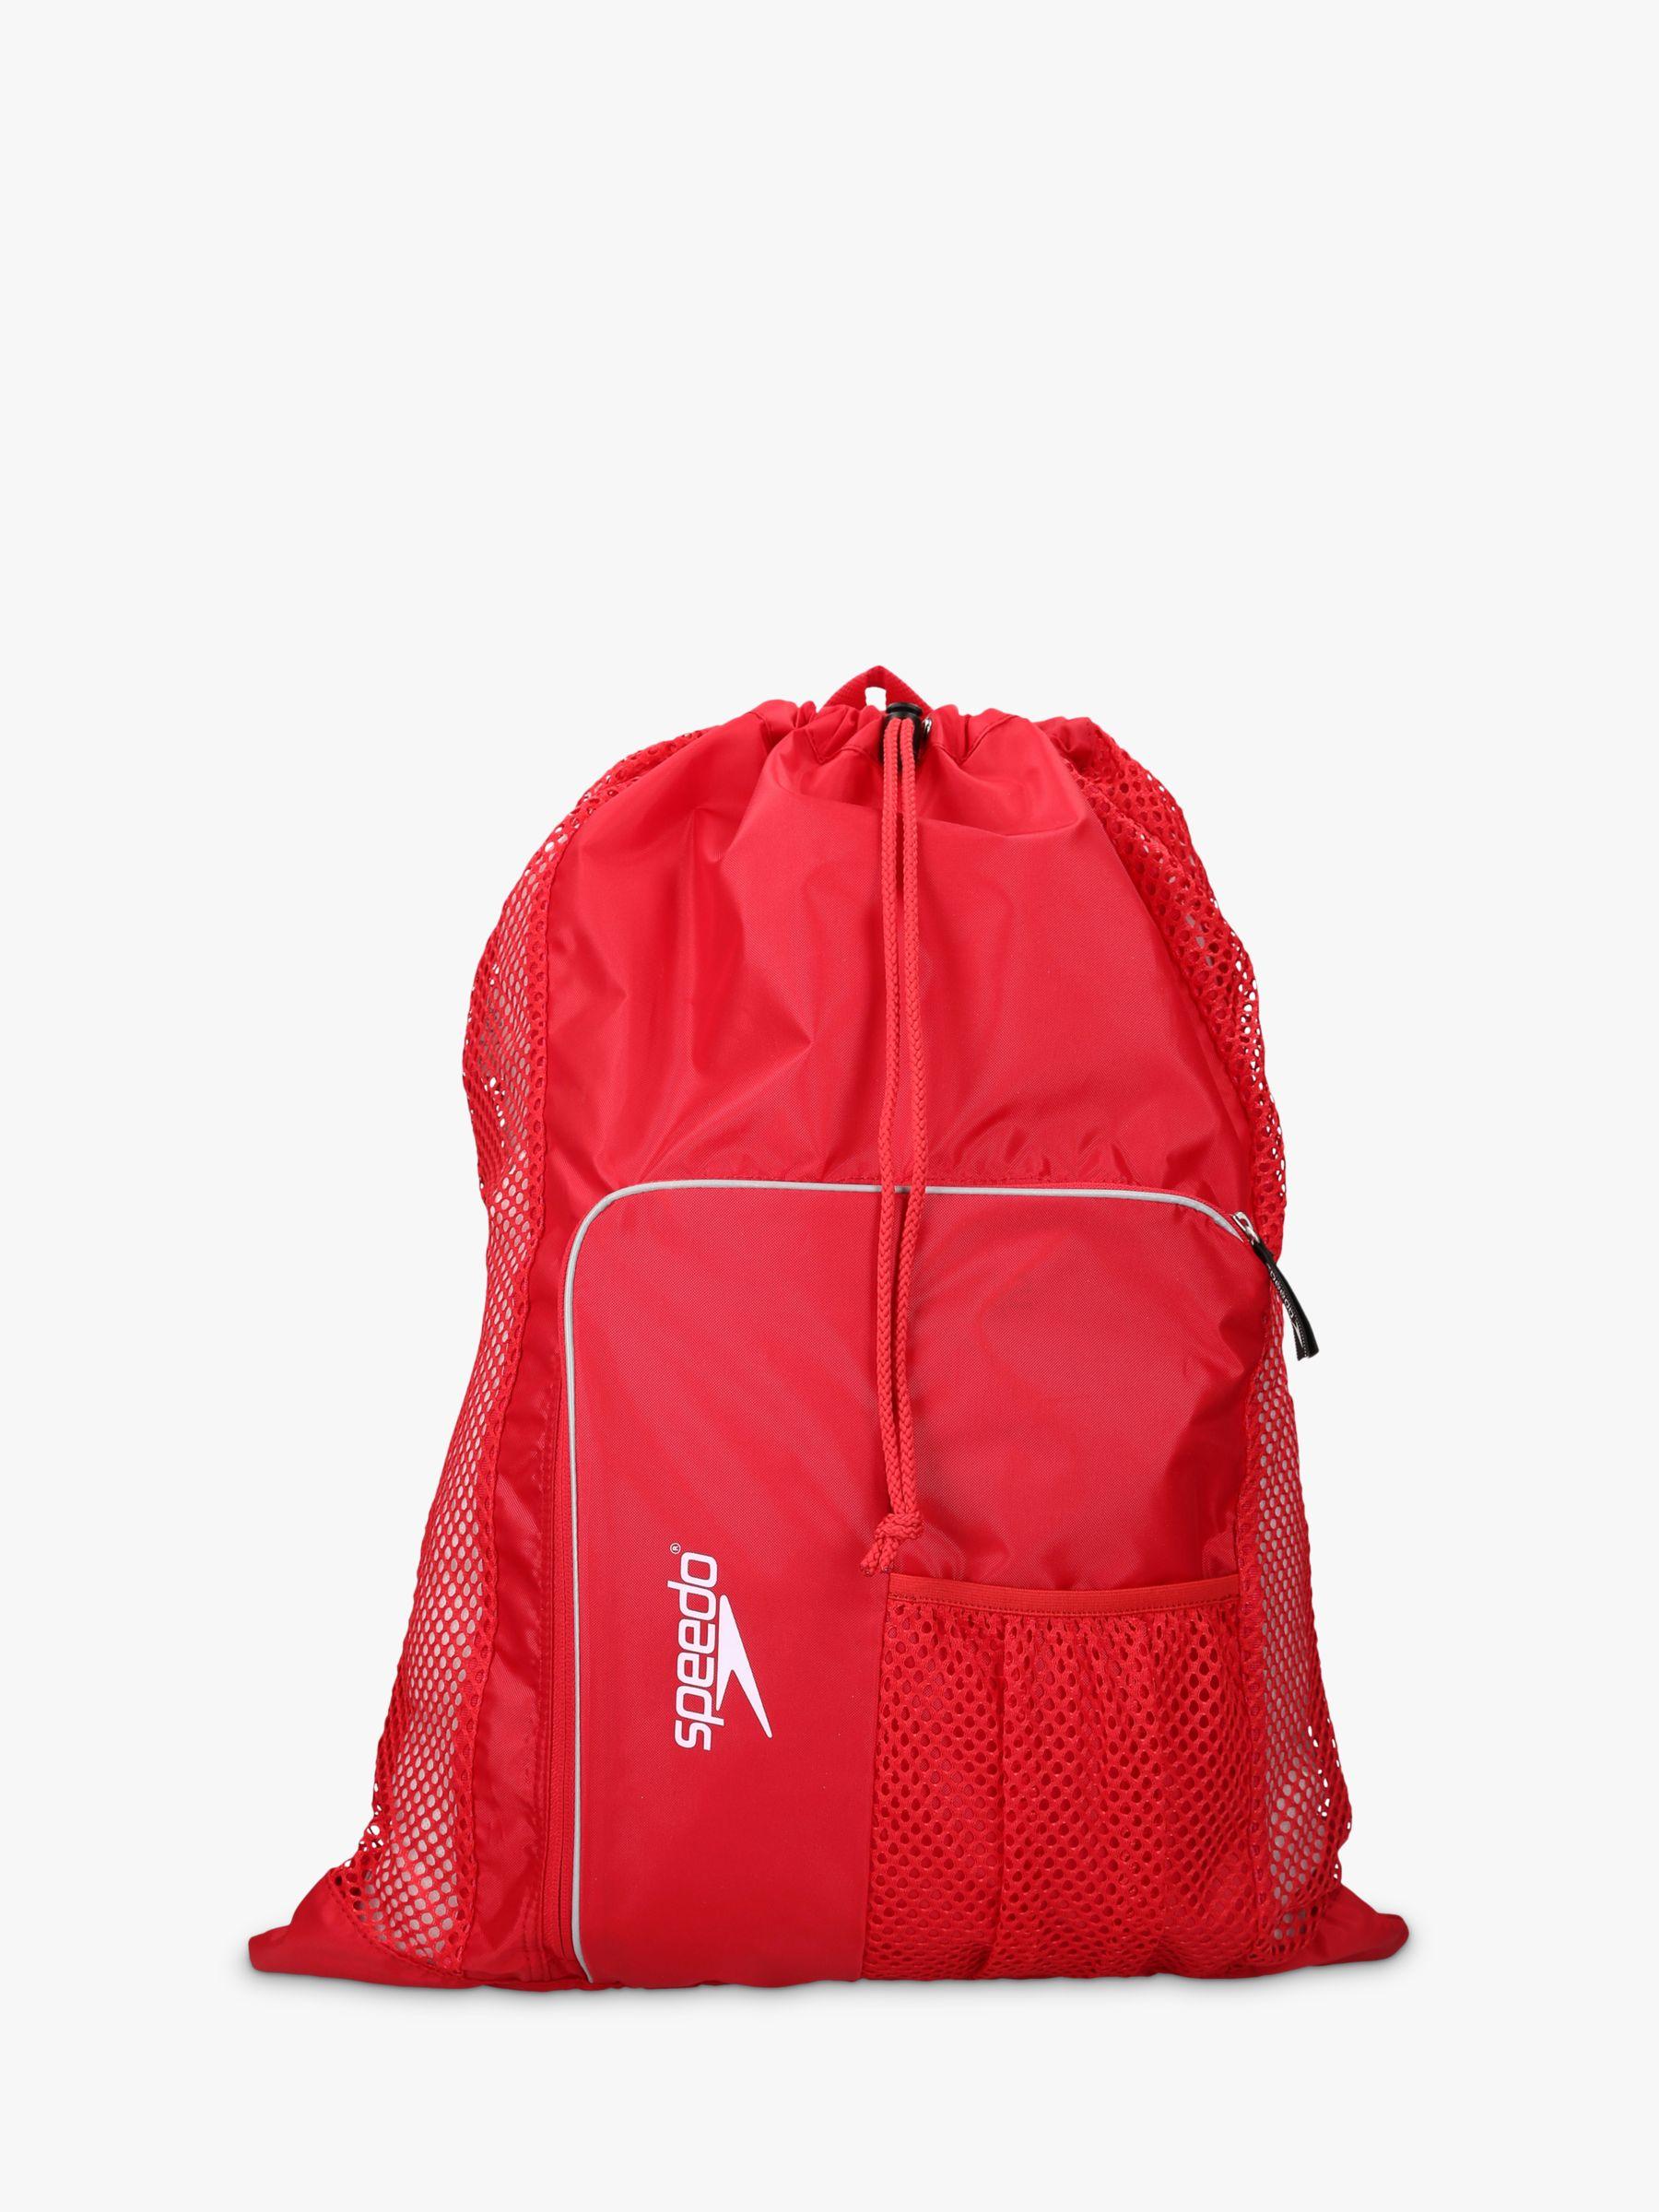 Speedo Speedo Deluxe Ventilator Mesh Bag, Red